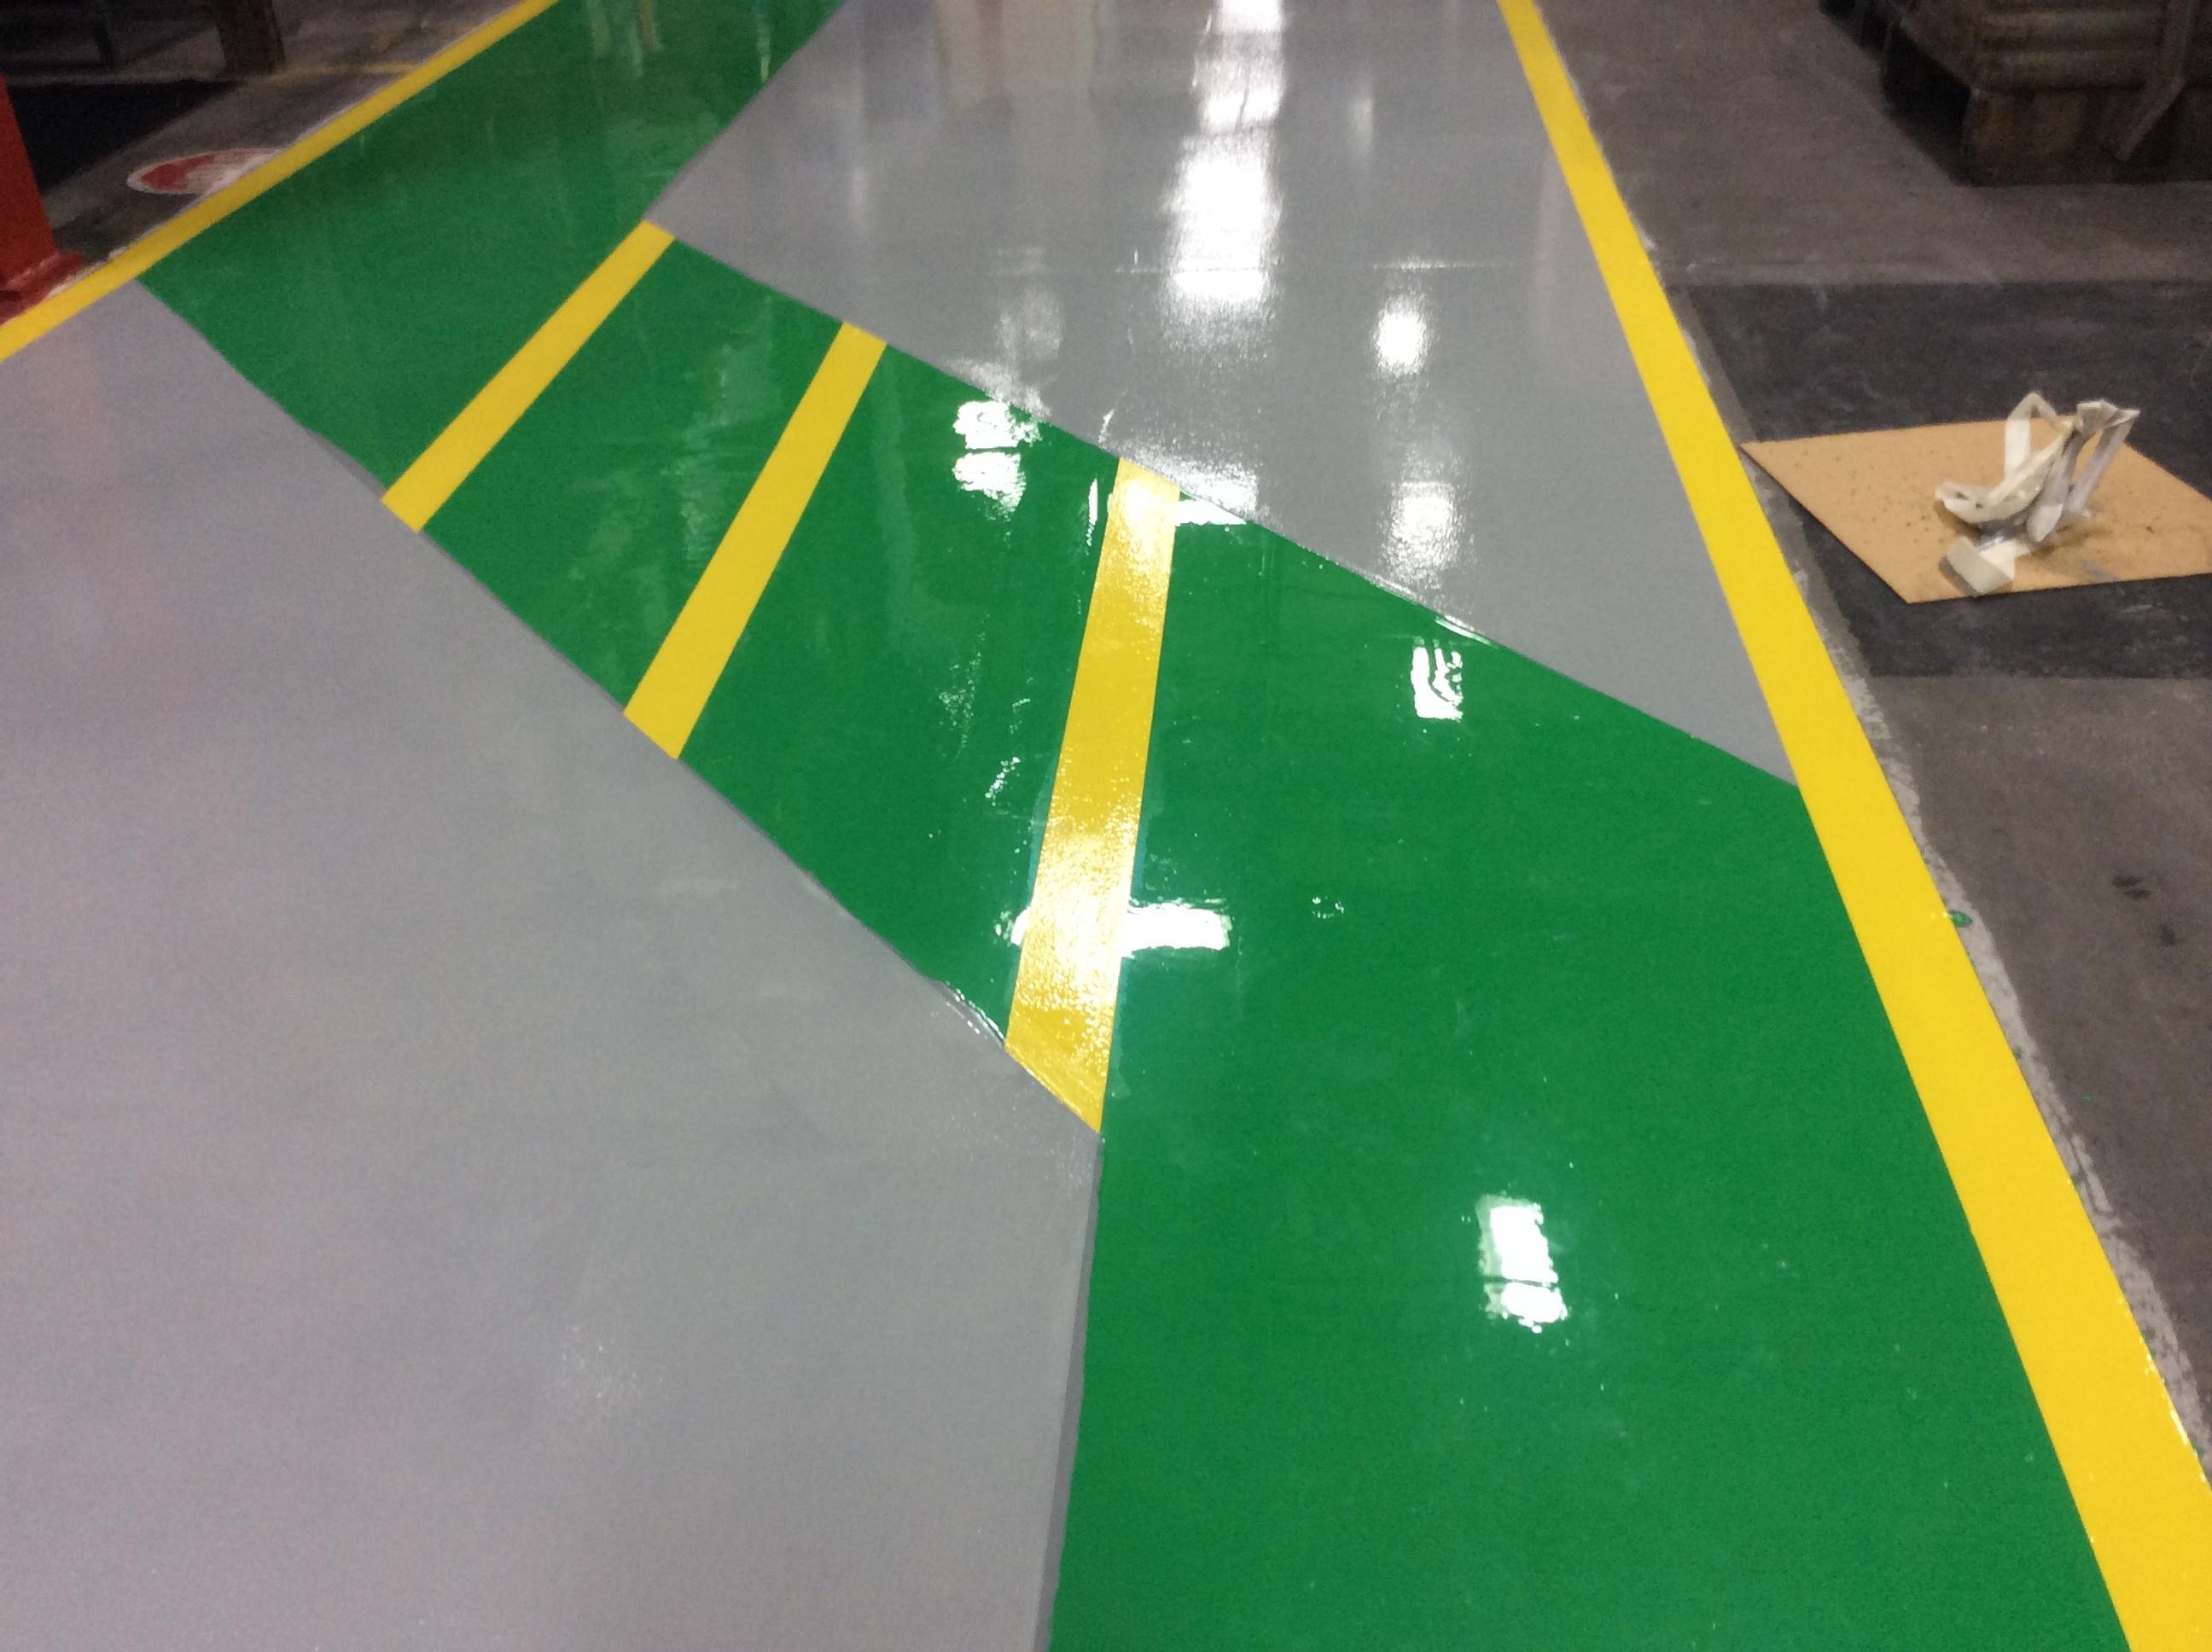 Industrail Floor Coatings